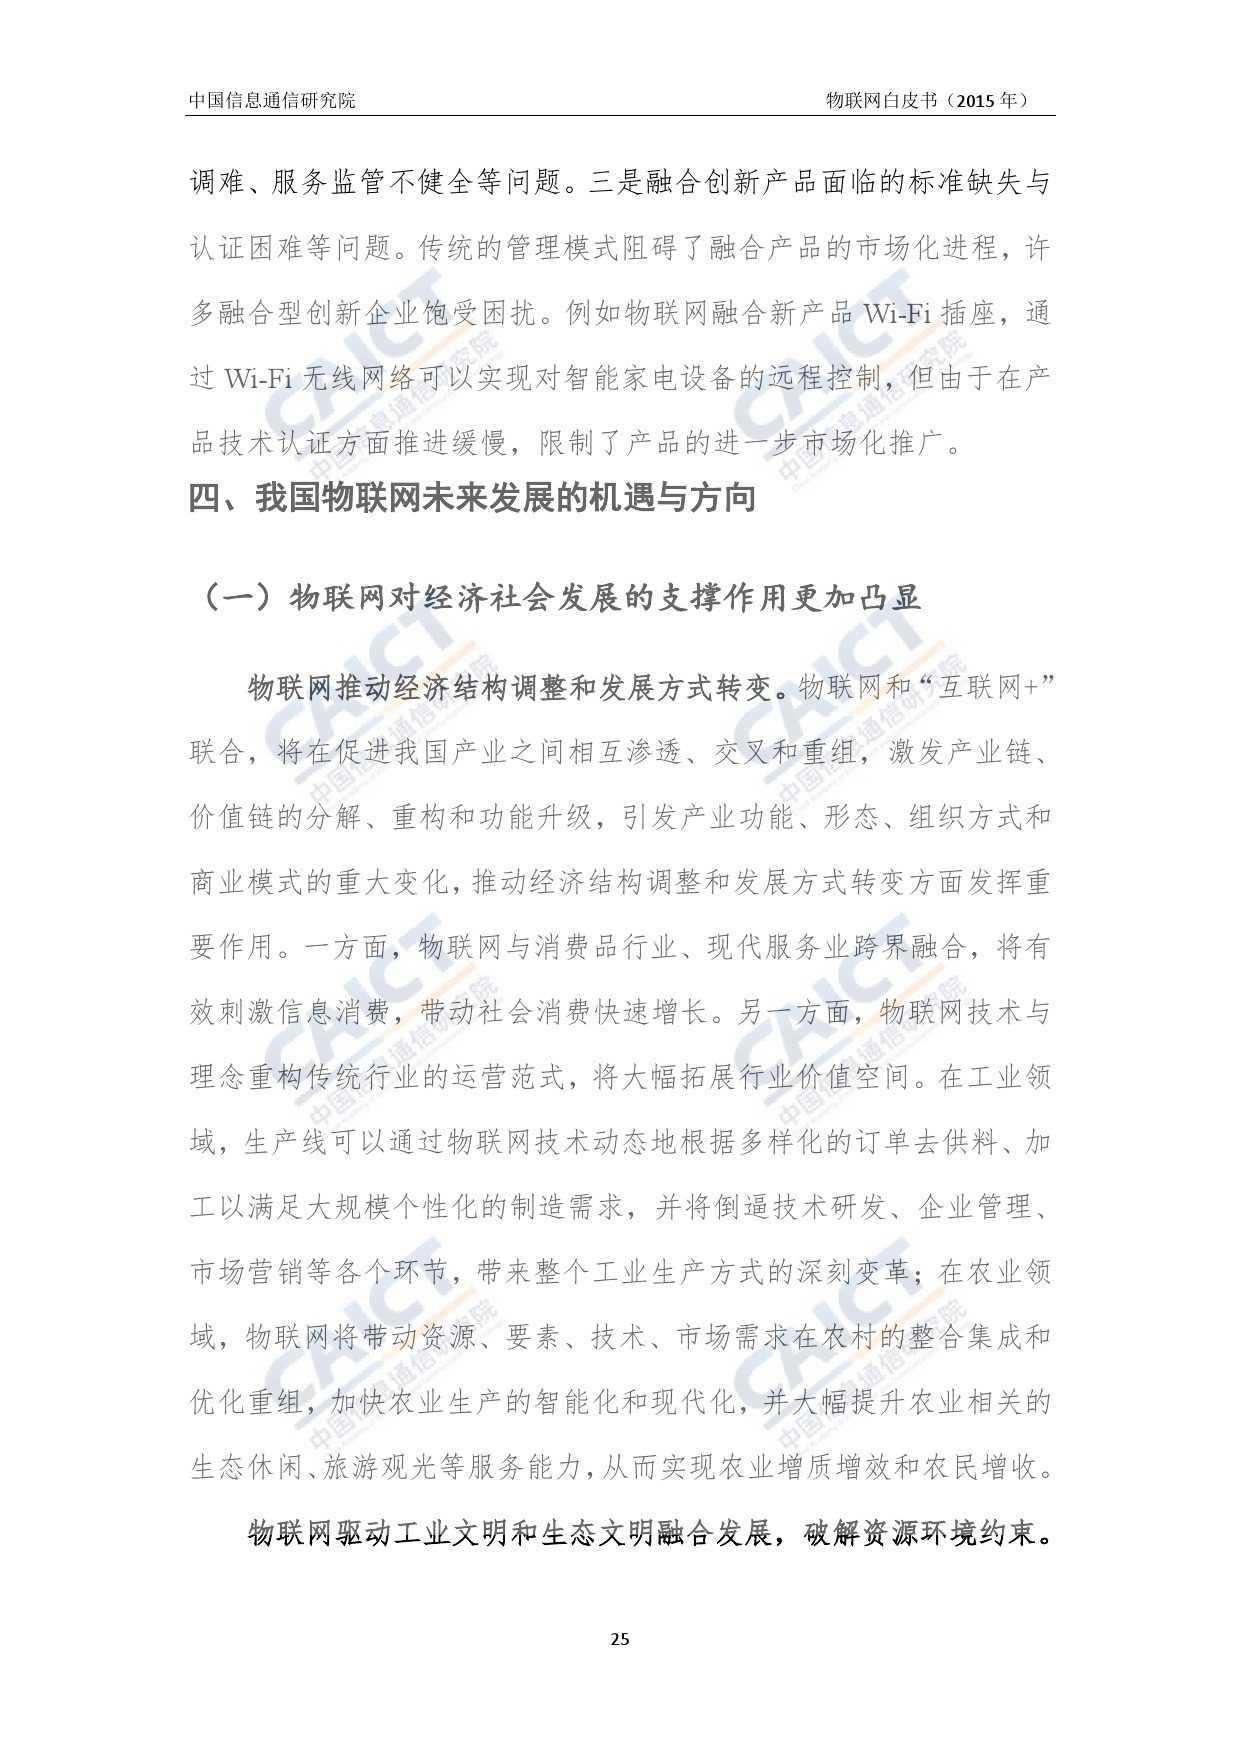 中国信息通信研究院:2015年物联网白皮书_000029